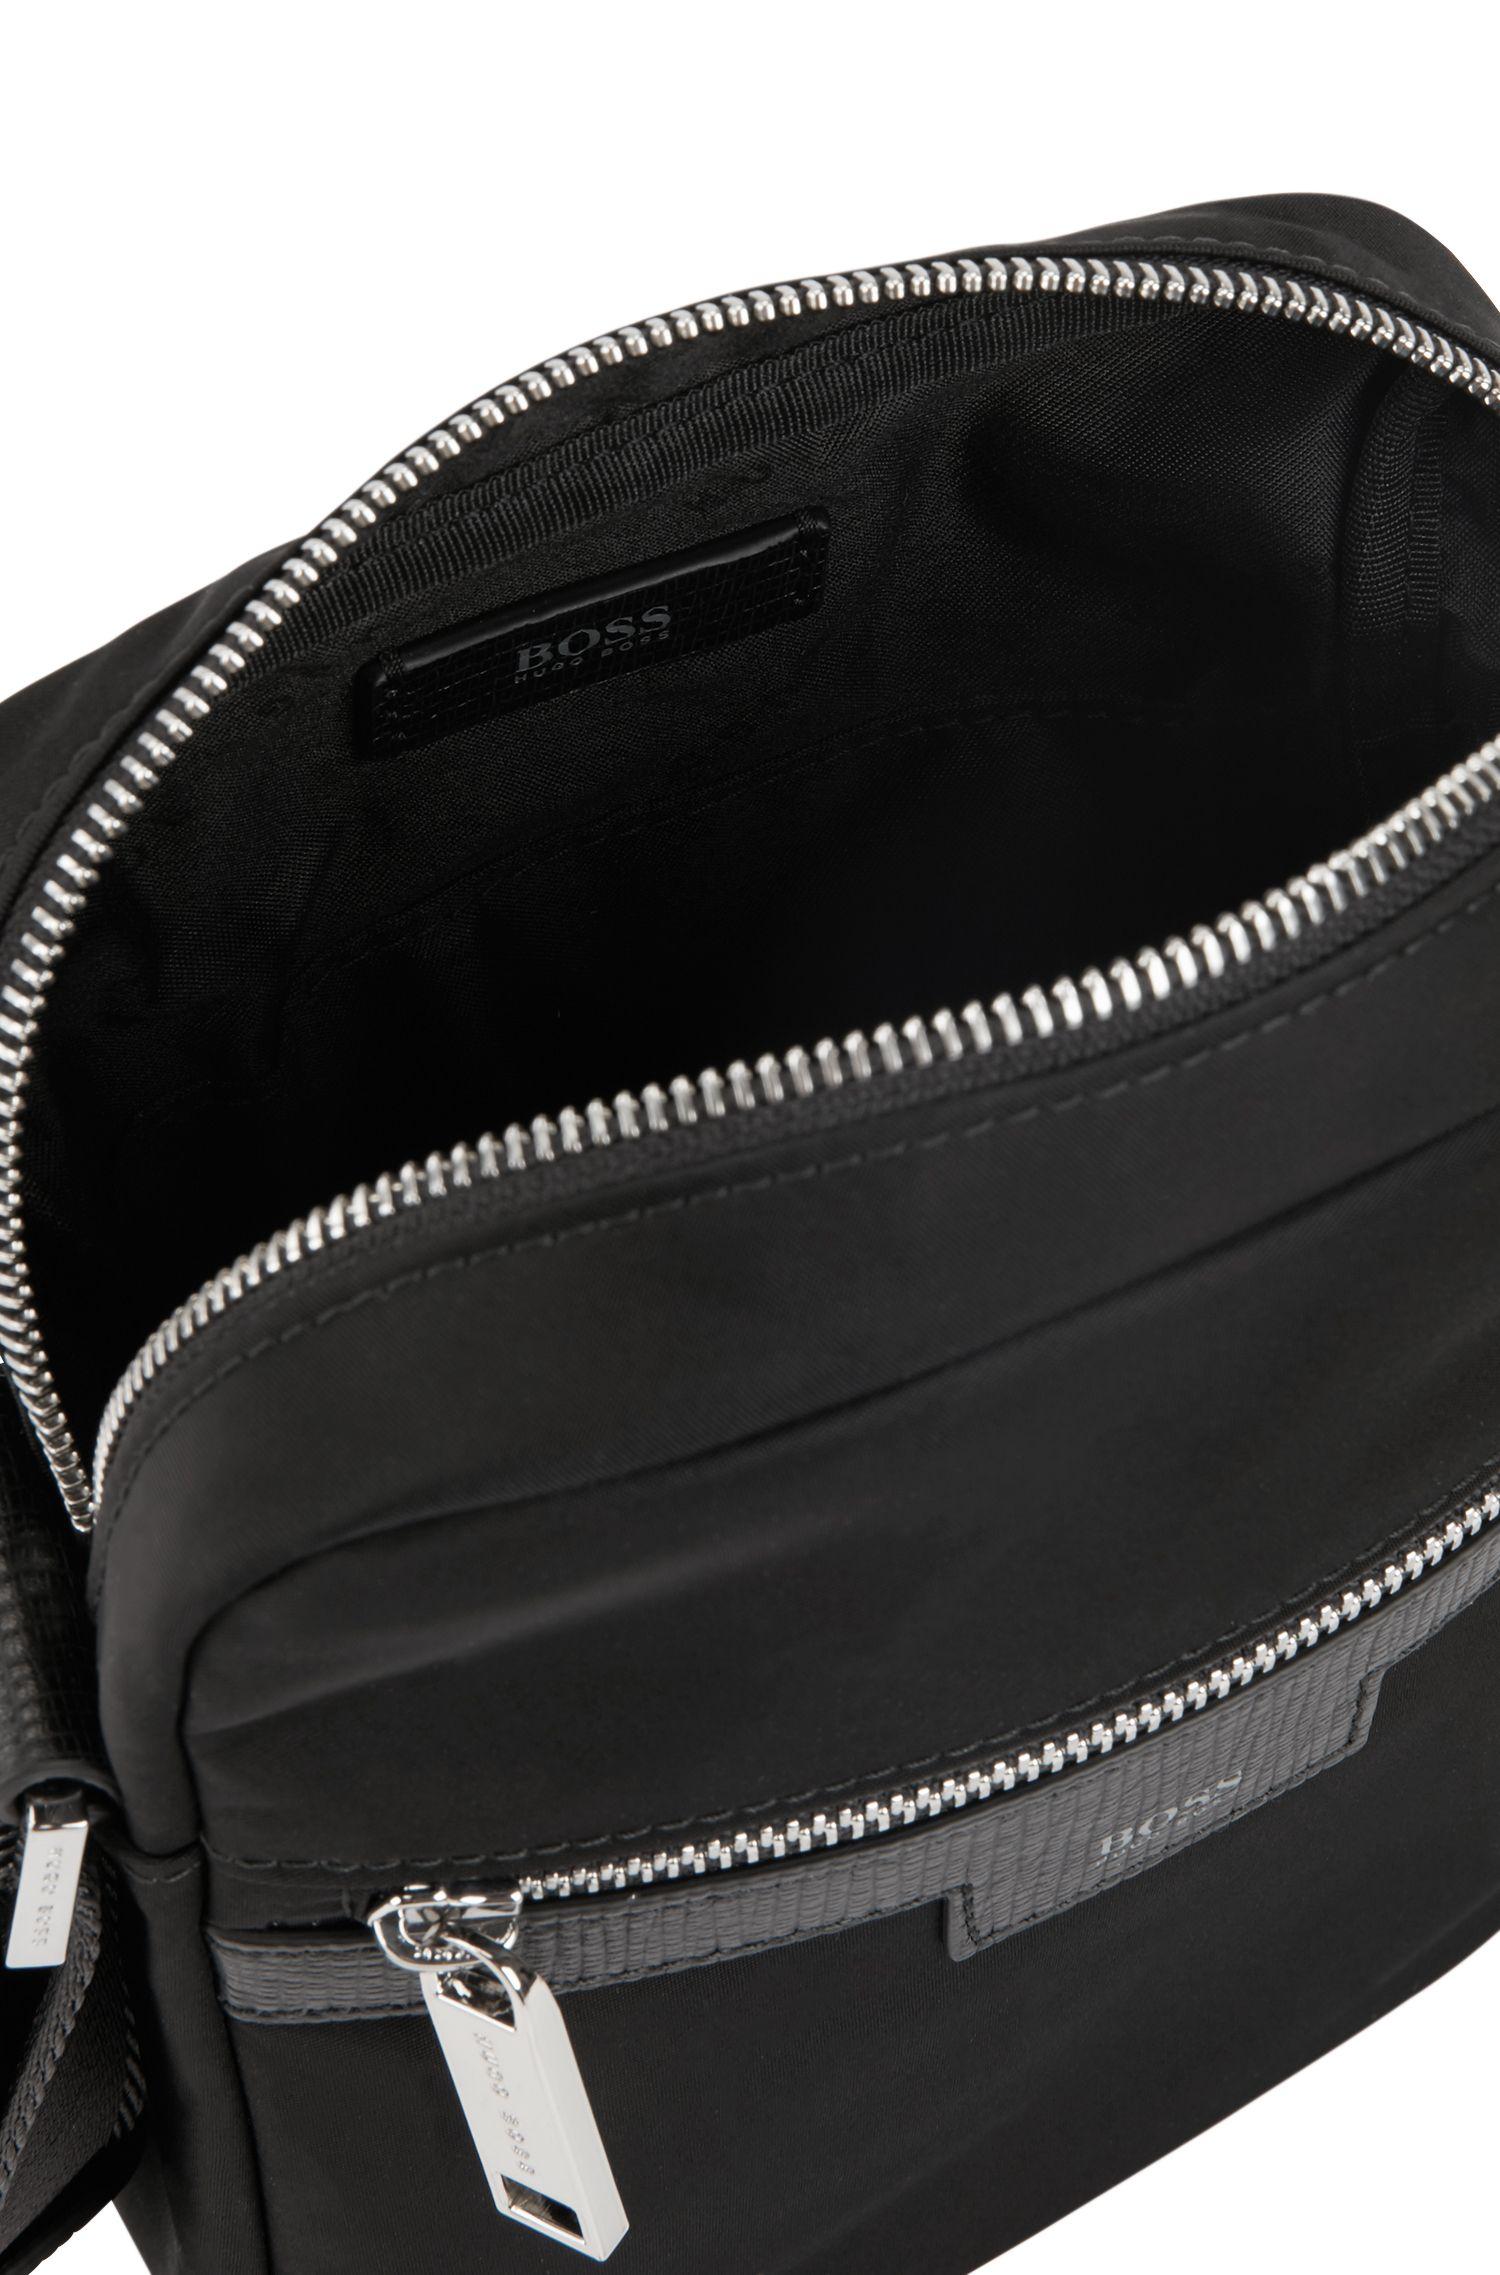 Sac porté croisé en gabardine de tissu technique avec finitions cuir, Noir